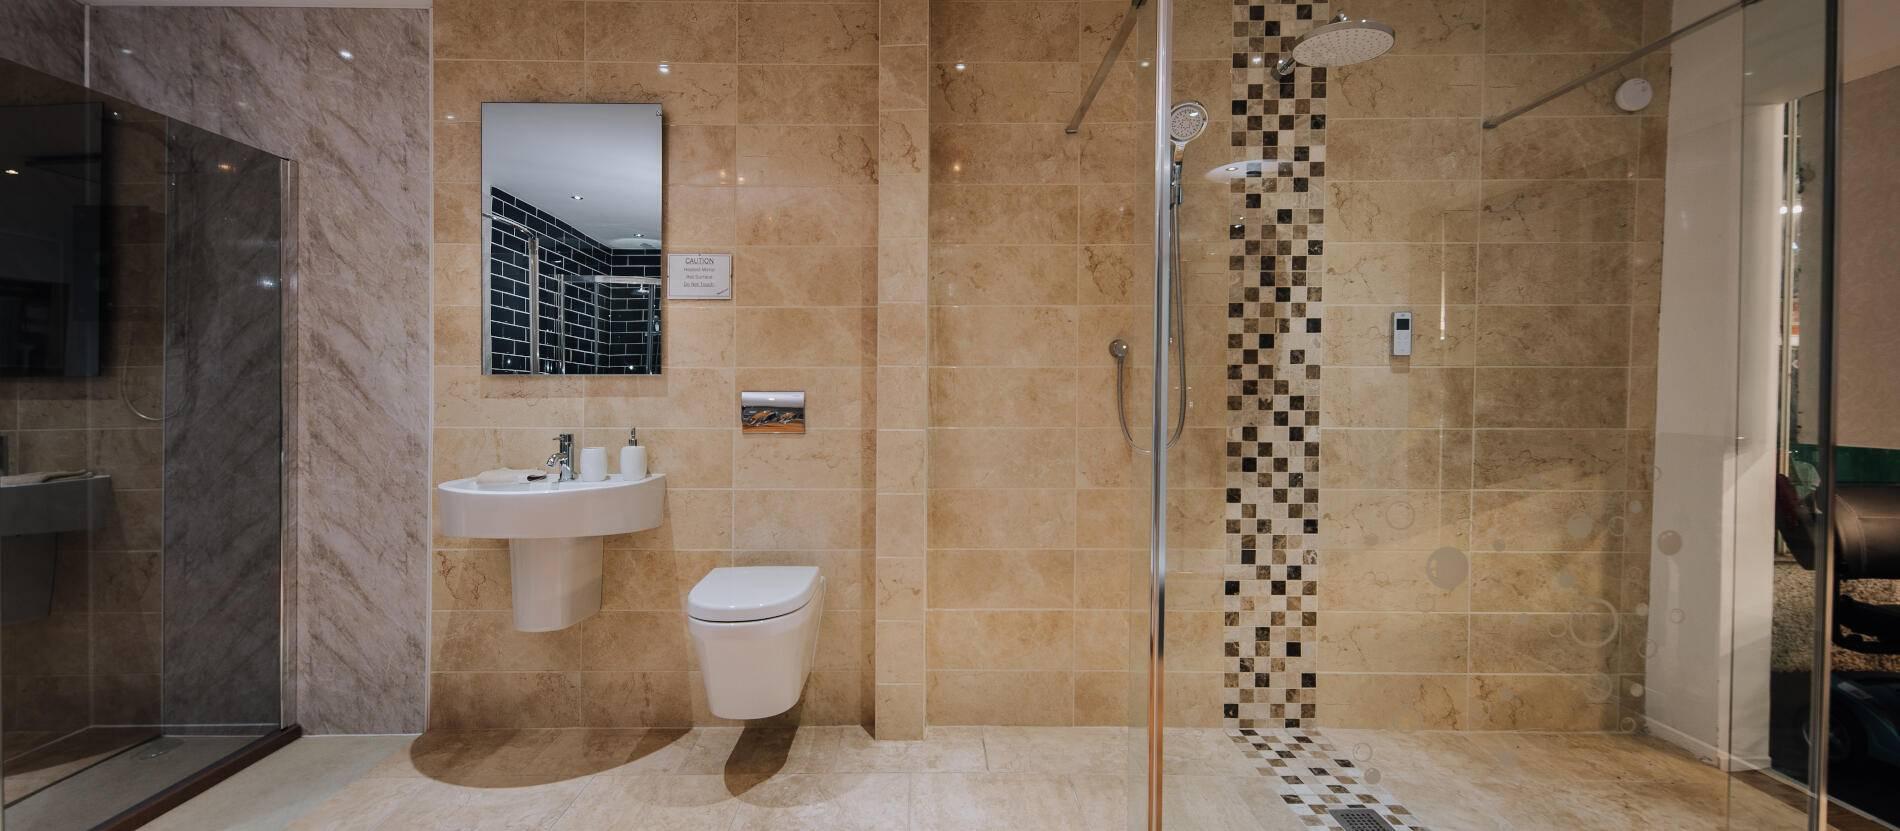 AHM wet room build